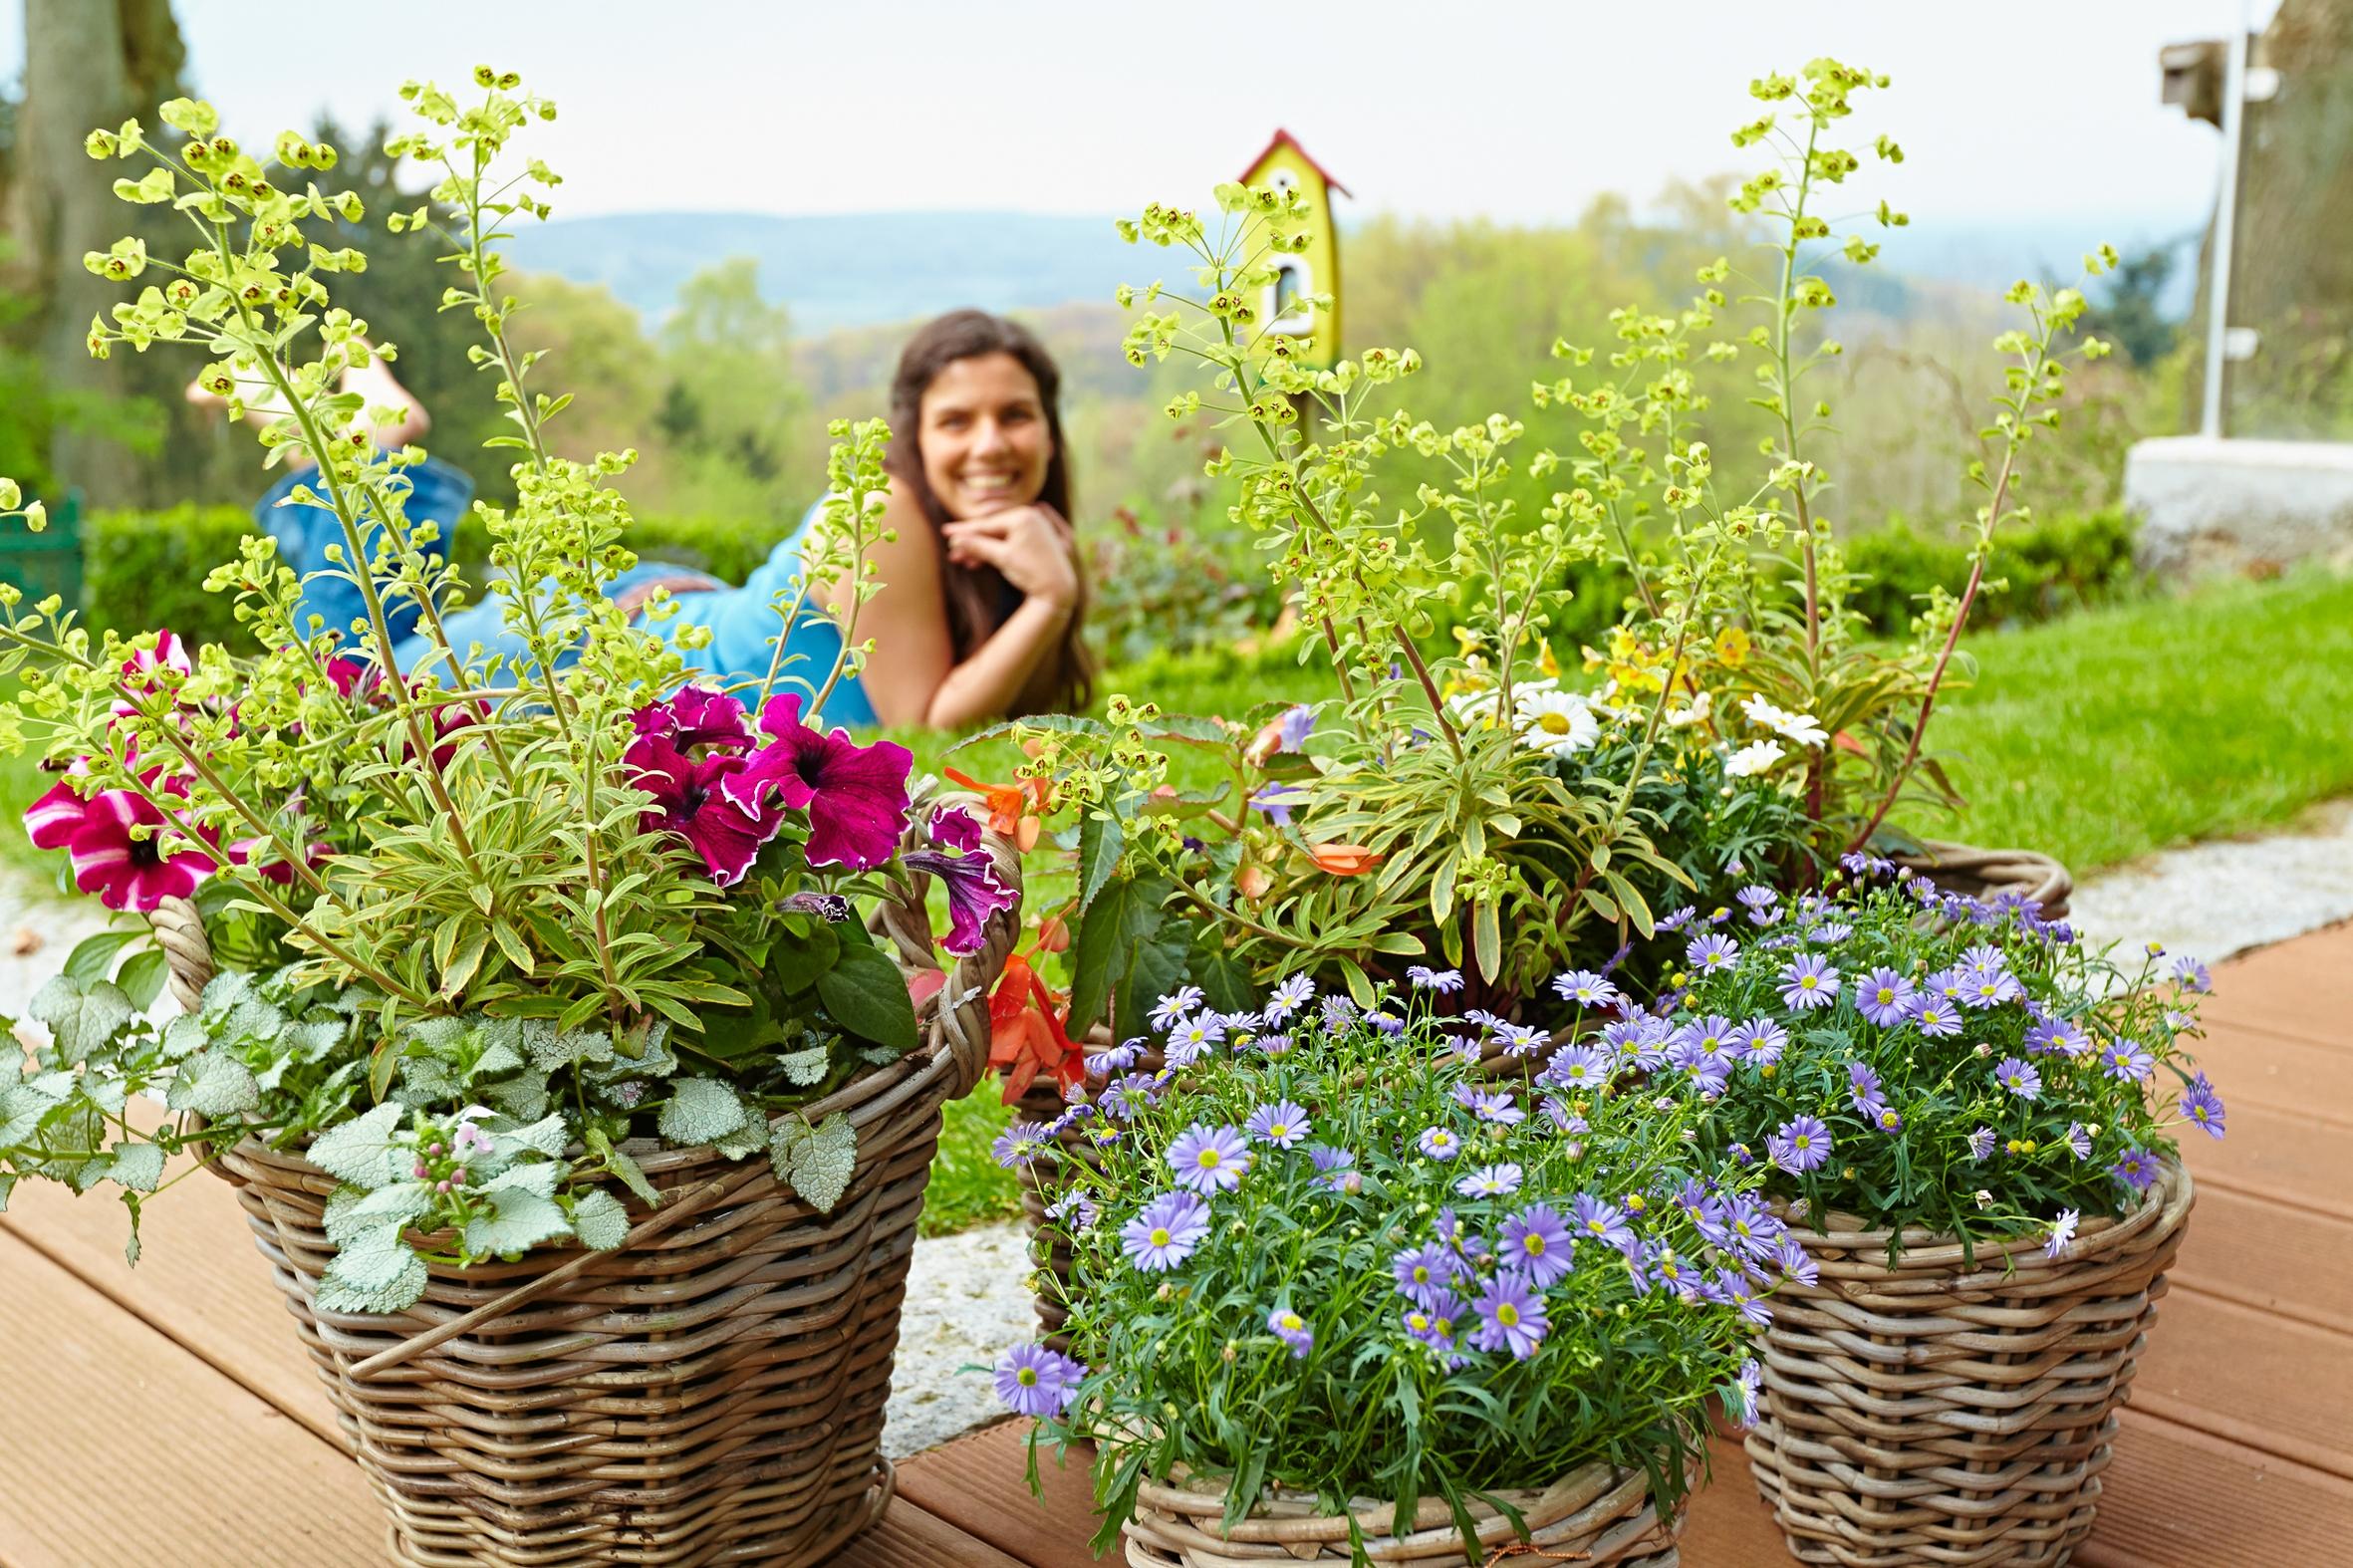 Das Leben genießen – Sommerlich schöne Augenblicke im Garten und auf dem Balkon